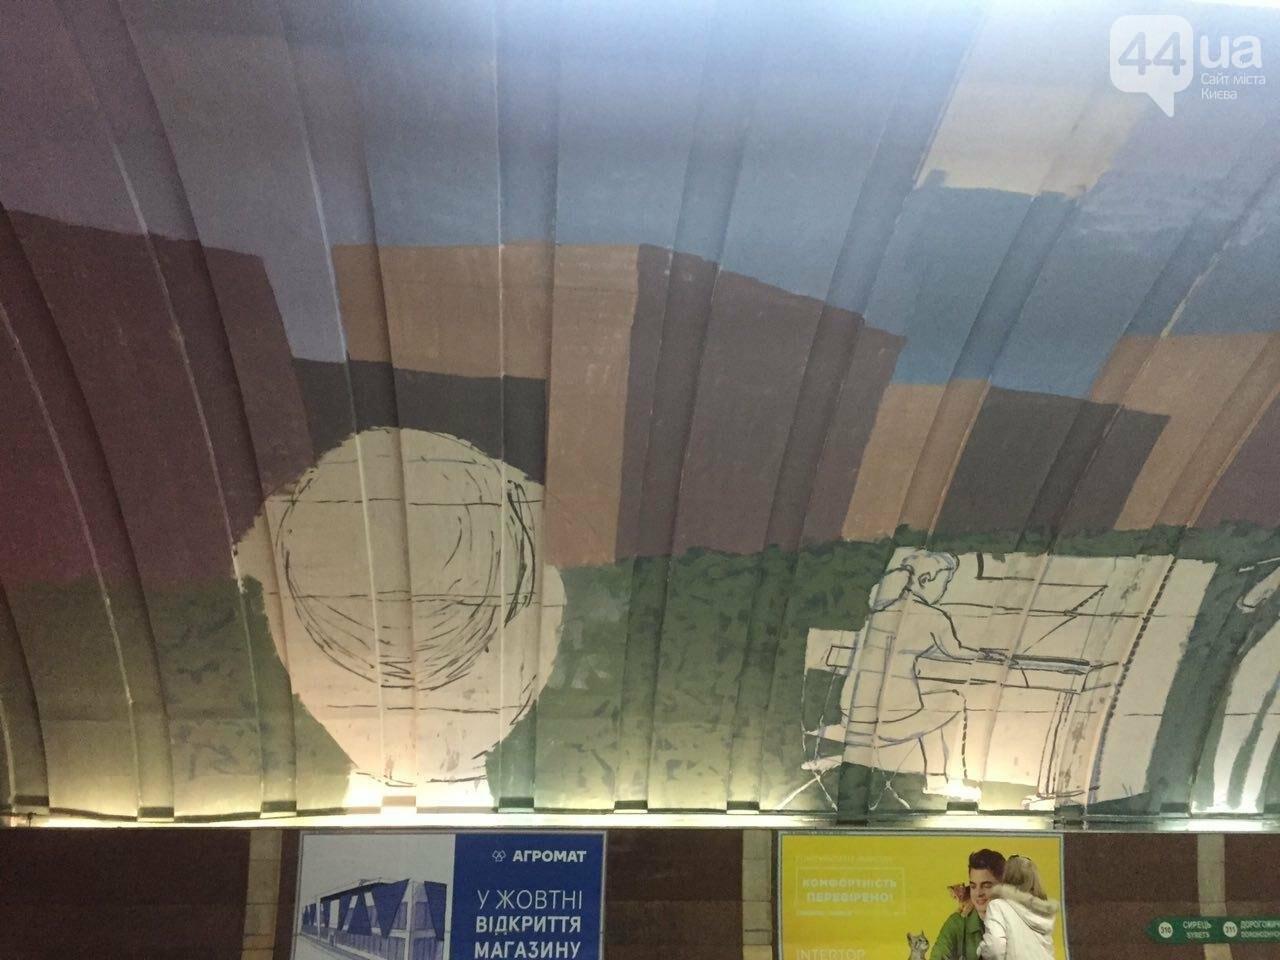 Арт-Осокорки: на станции сформировали 2 эскиза будущей росписи, - ФОТОФАКТ, фото-1